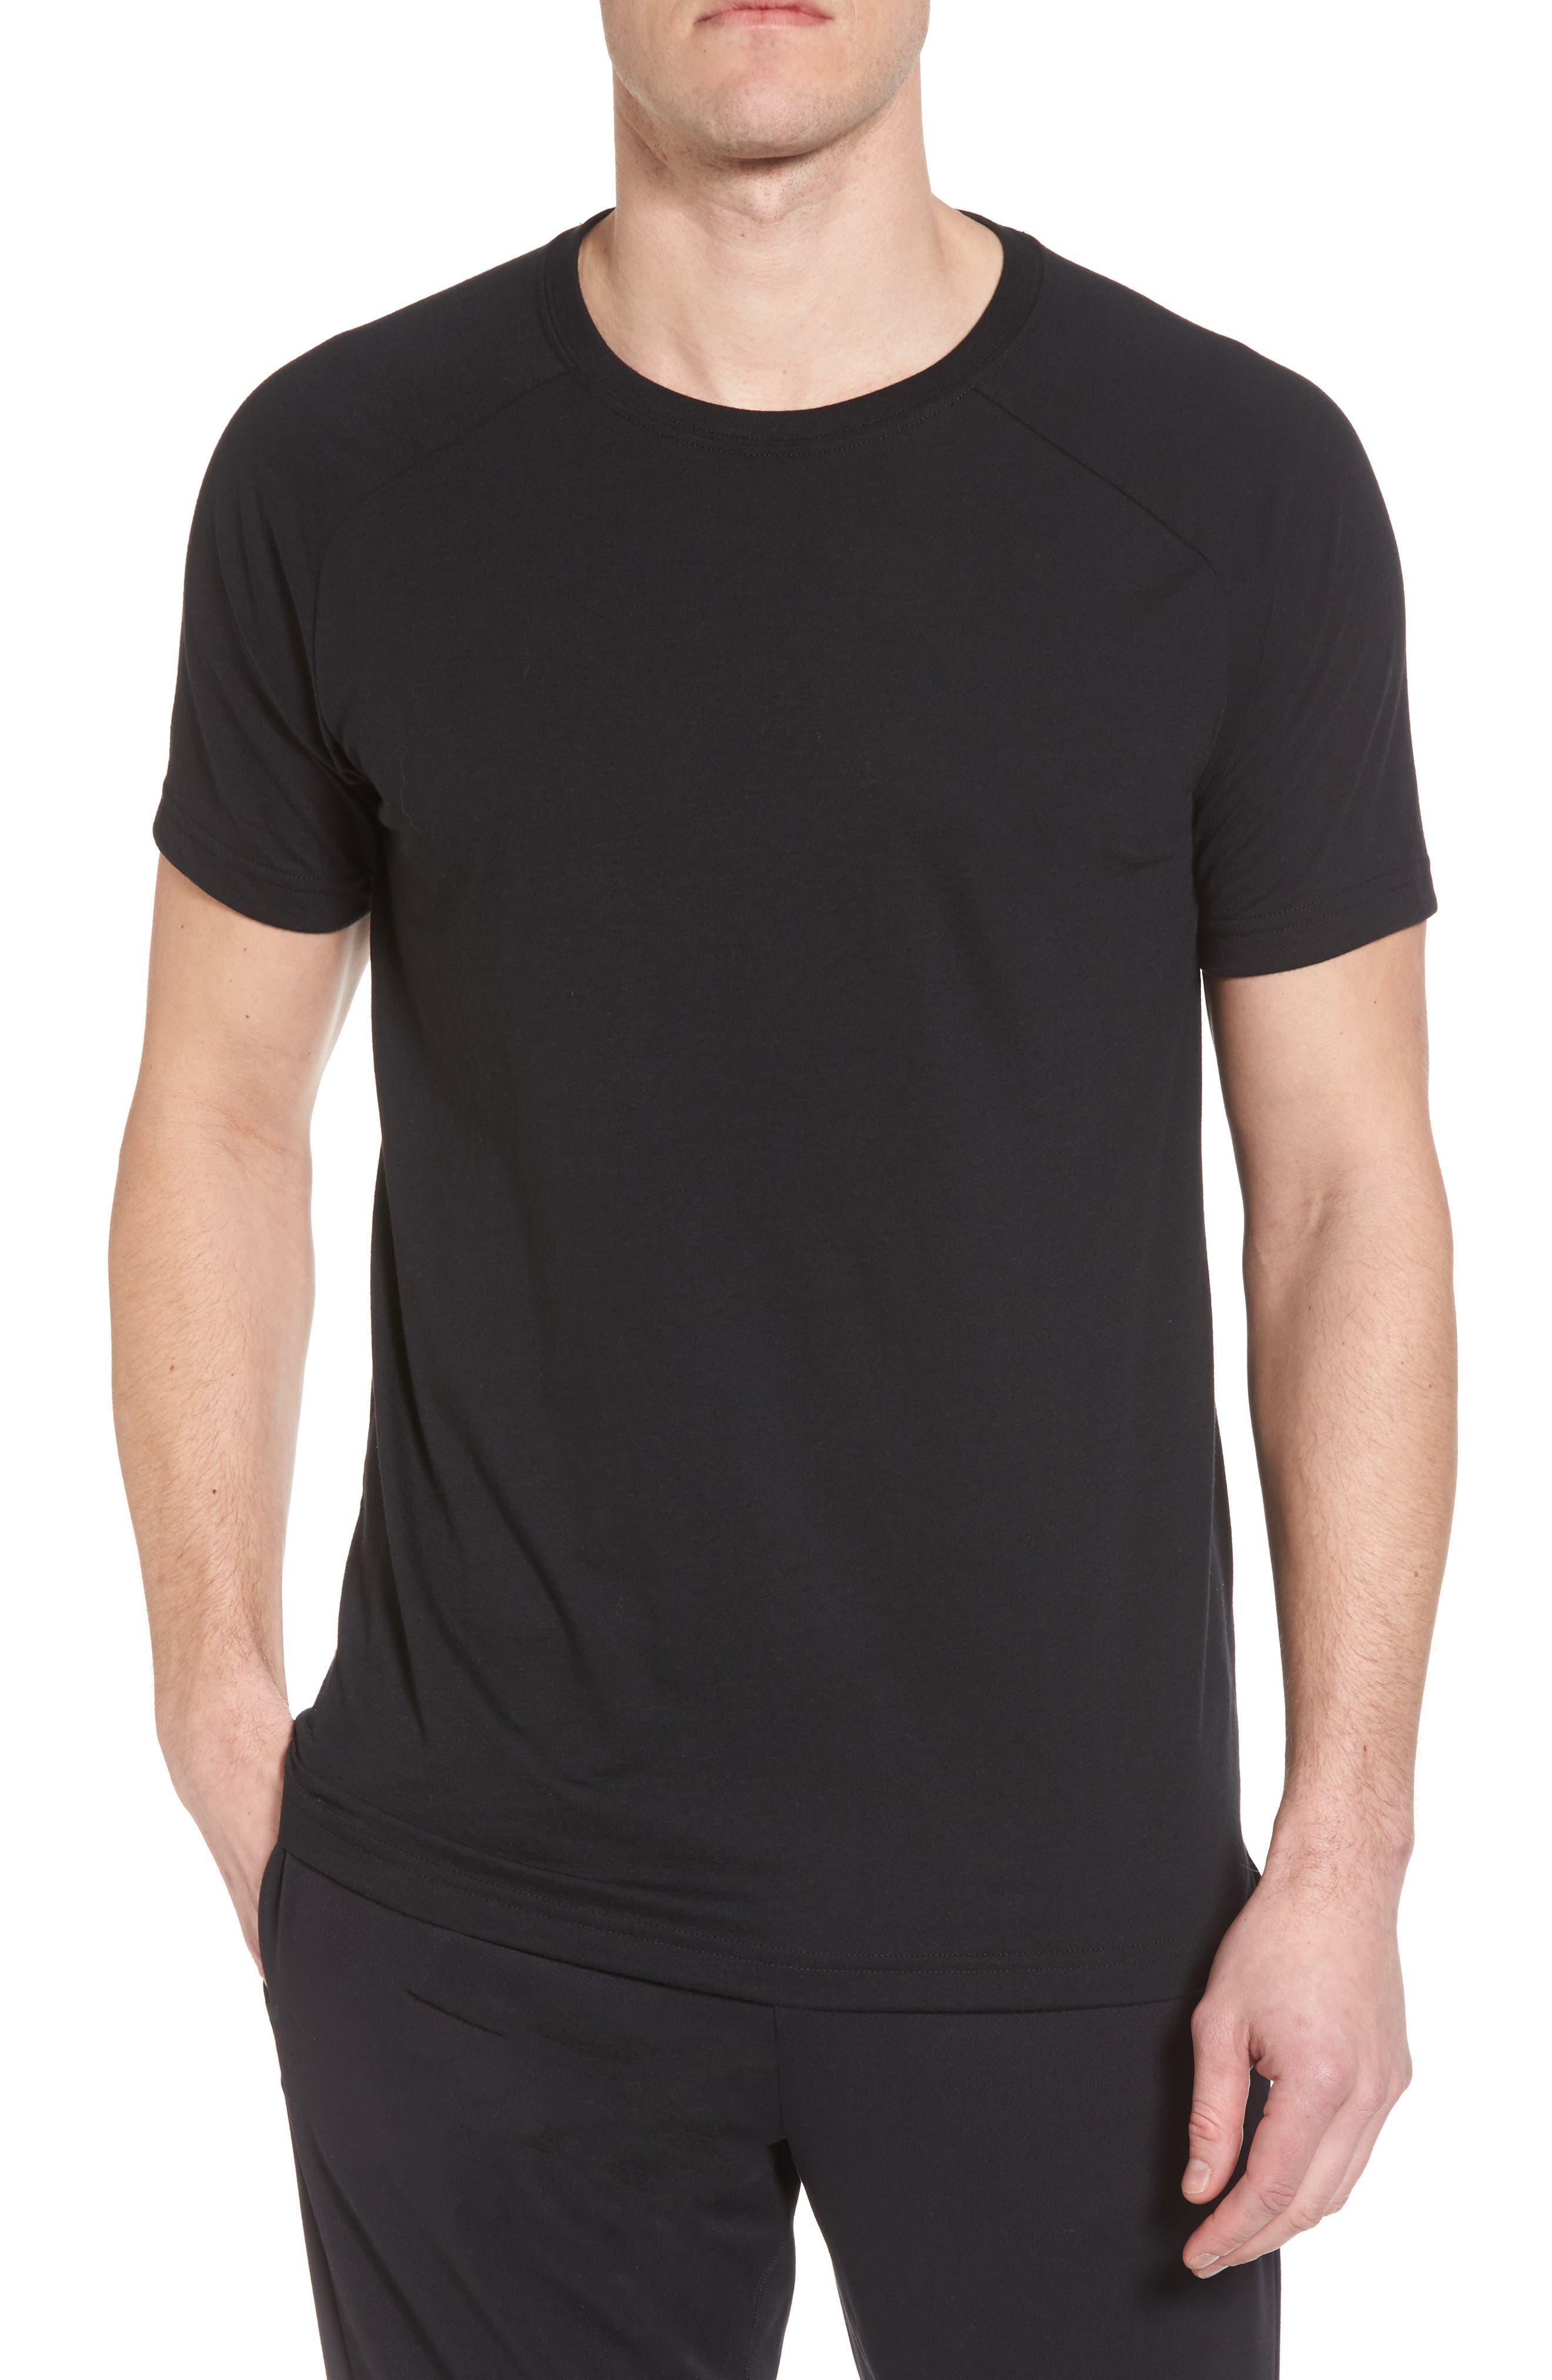 Alo The Triumph Crewneck T-Shirt